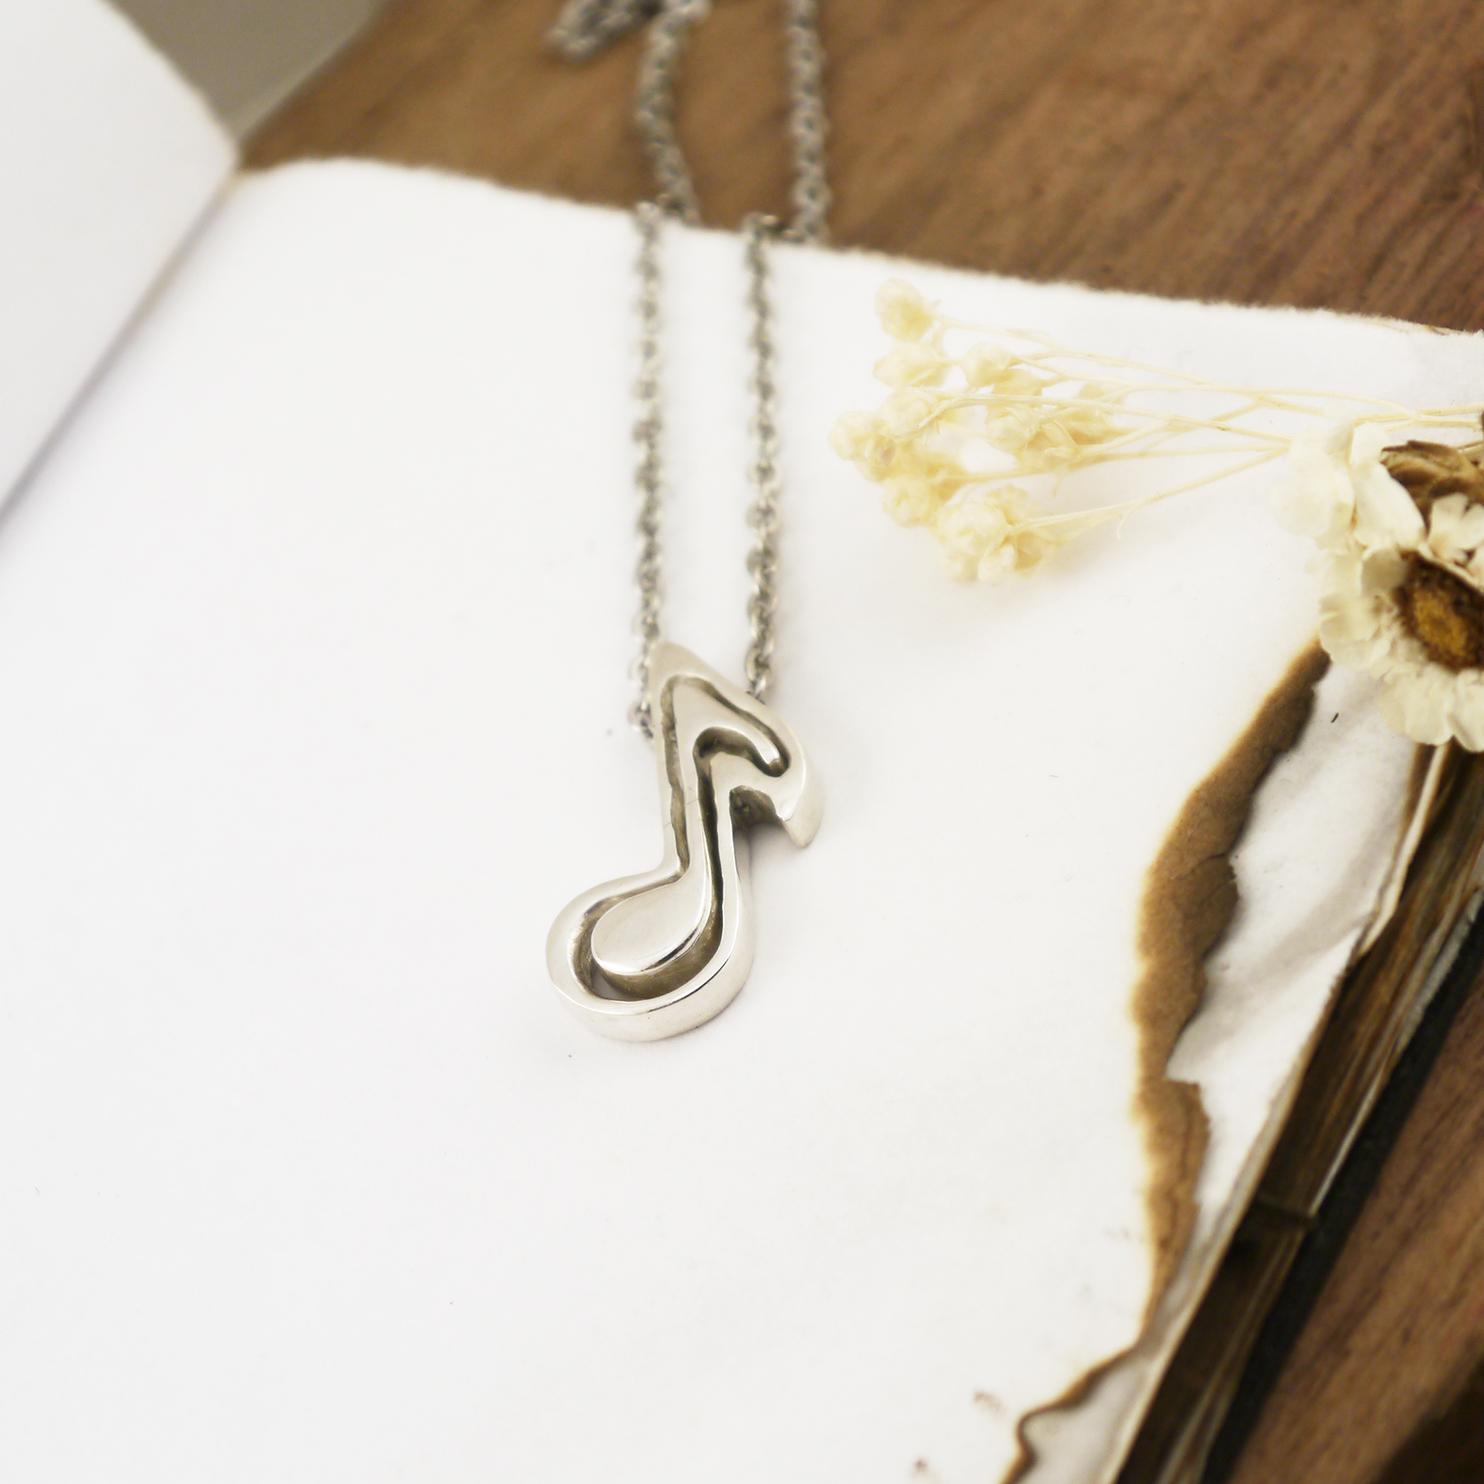 音樂系 -Eighth Note 八分音符純銀情侶項鍊- 對鍊